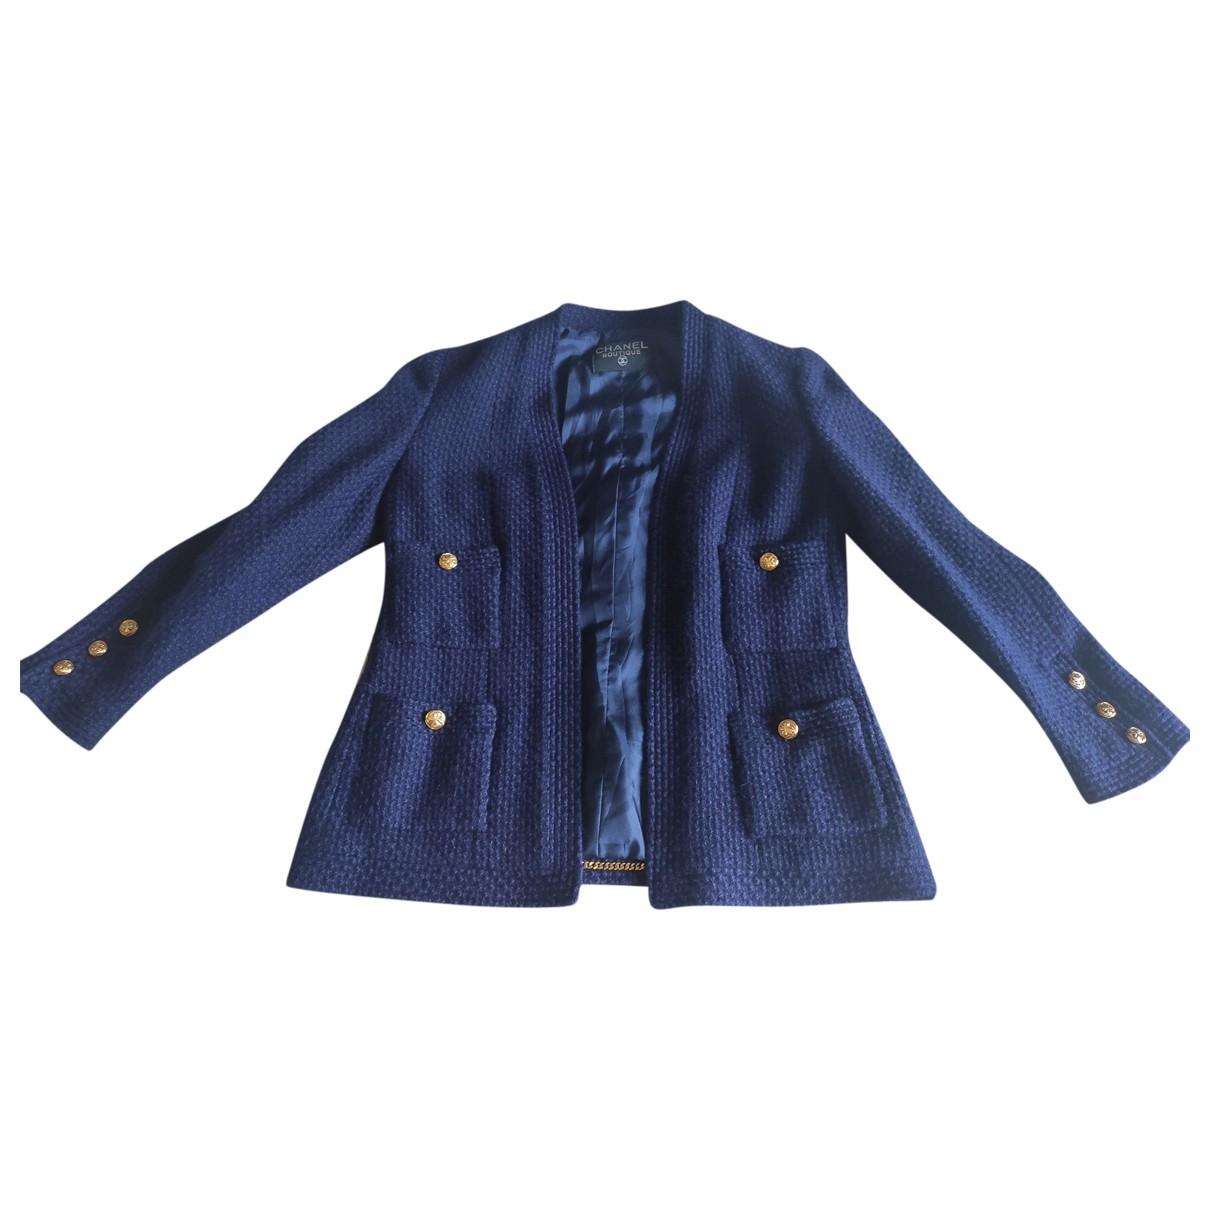 Chanel \N Blue Wool jacket for Women 36 FR